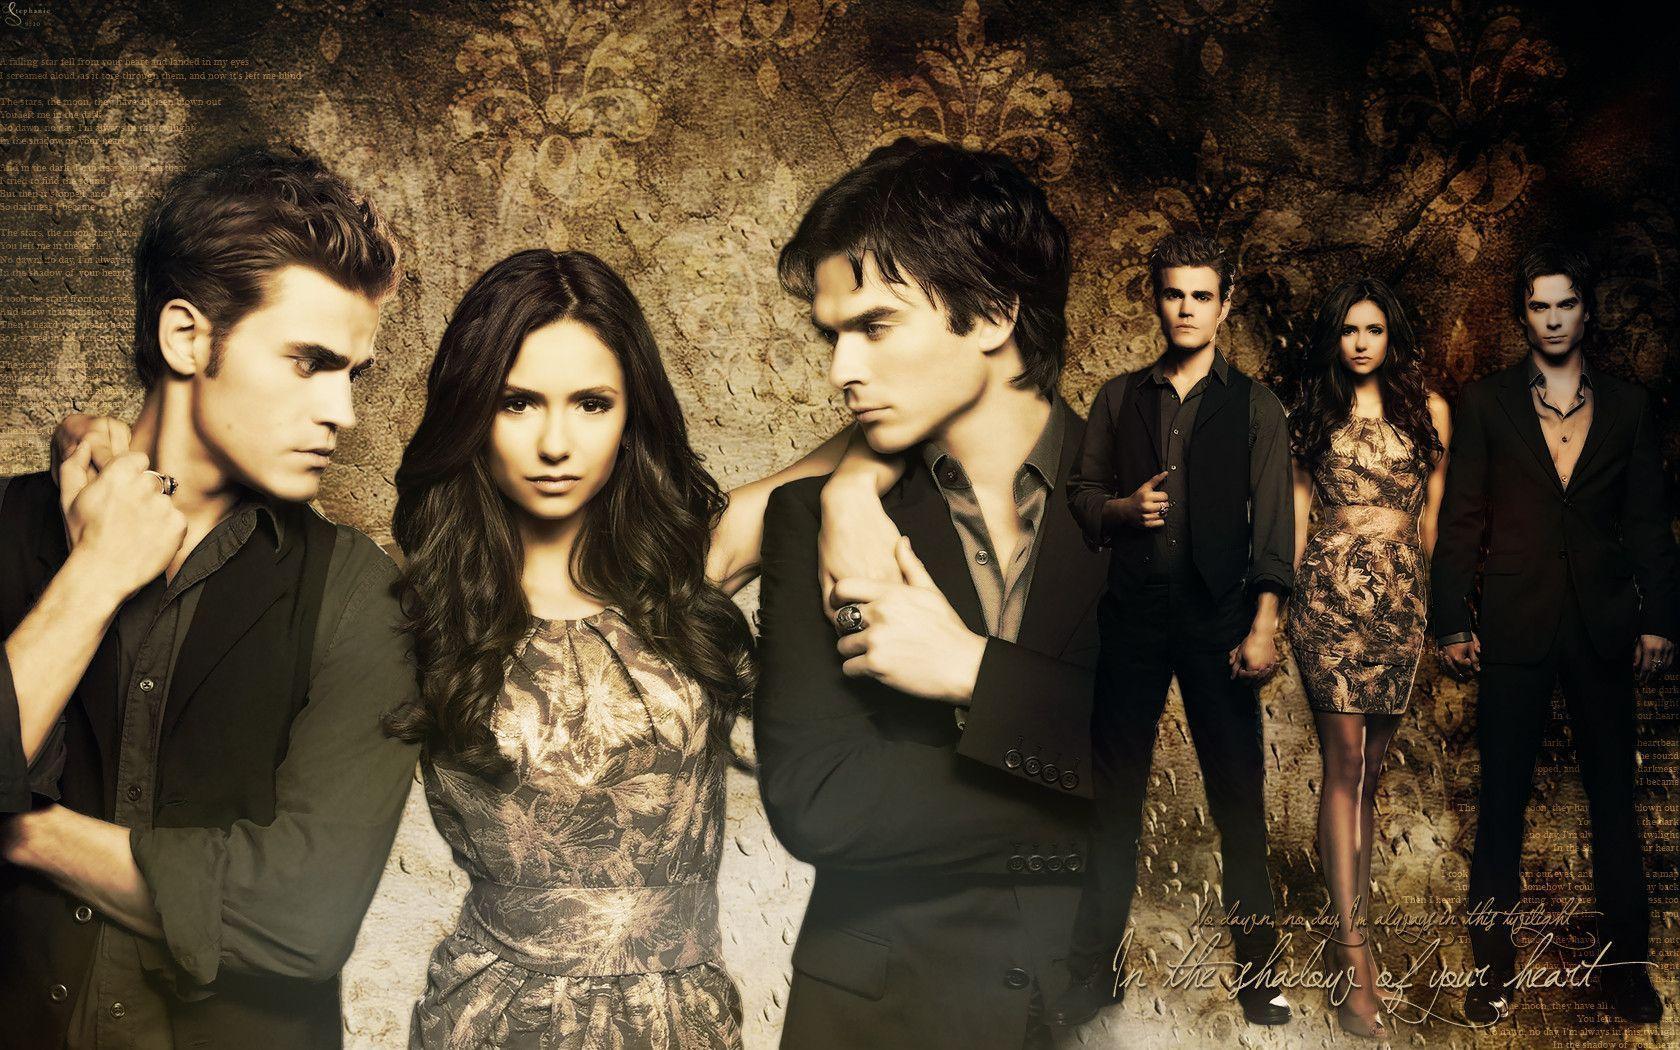 Vampire Diaries Wallpapers - Wallpaper Cave